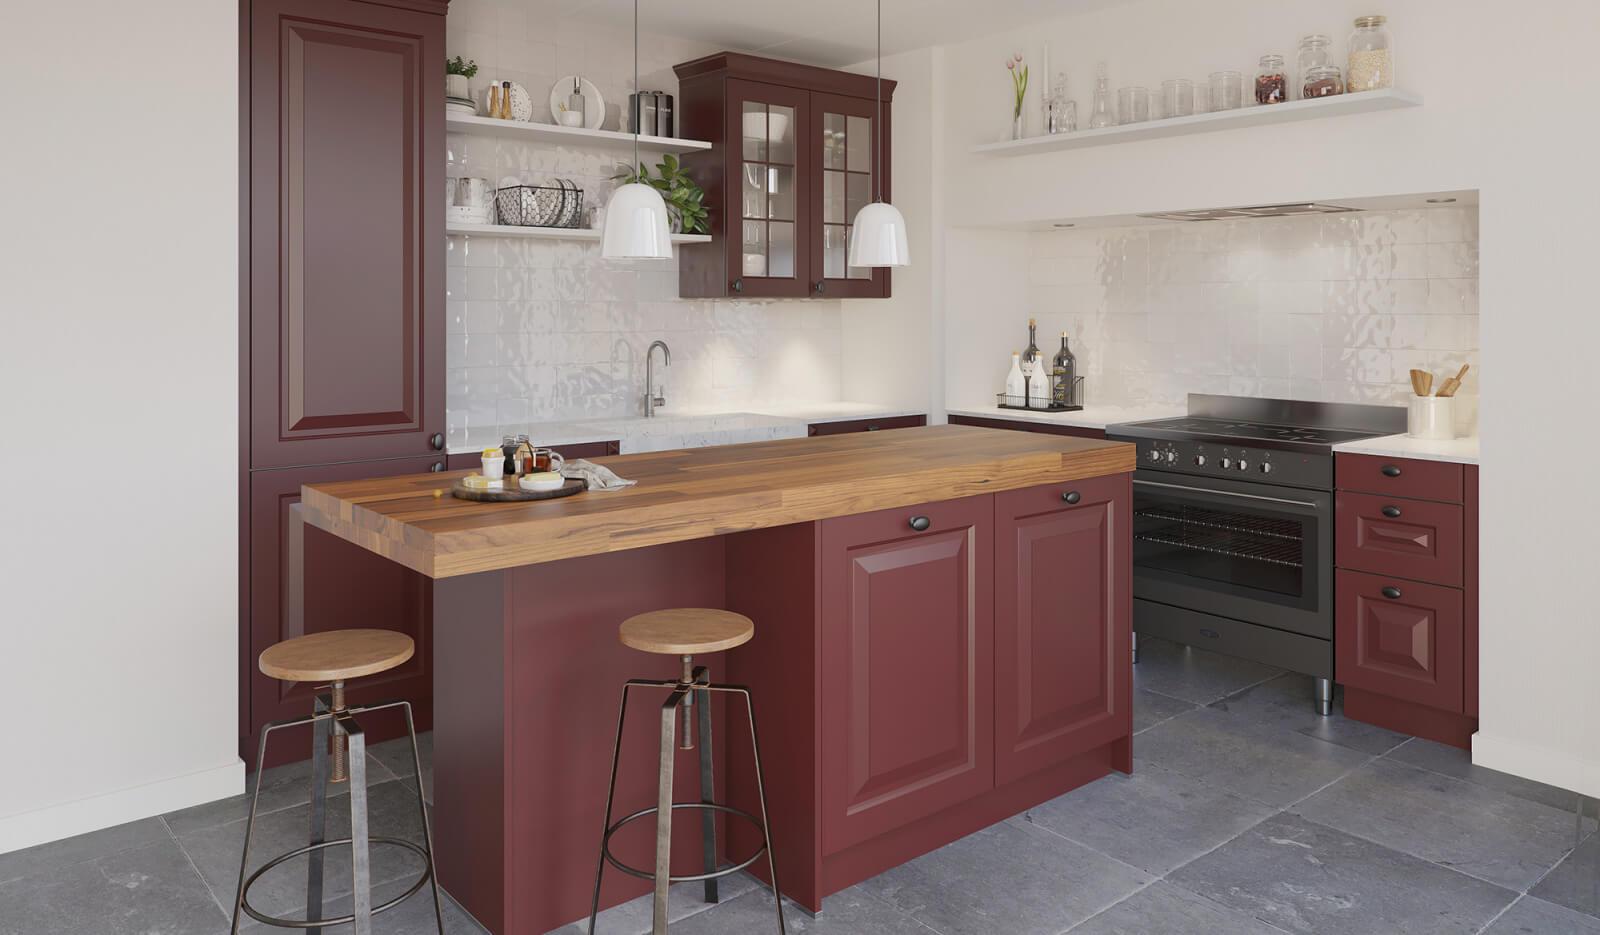 Keuken Rustiek robijnrood - kookeiland